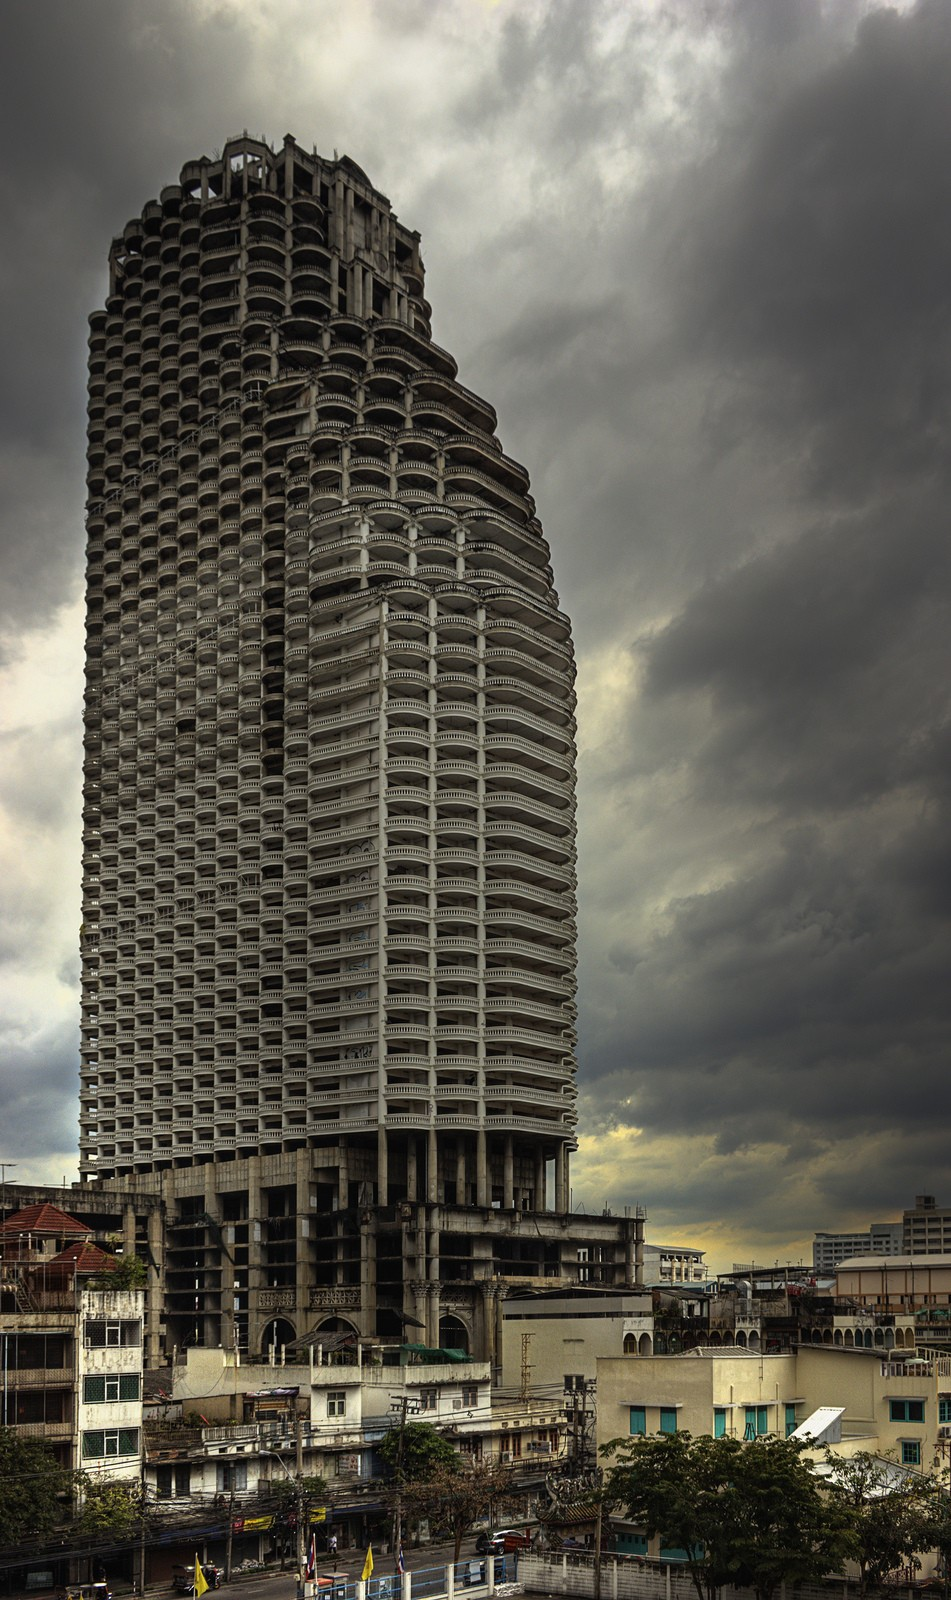 Как выглядит самый большой заброшенный небоскреб в мире Как выглядит самый большой заброшенный небоскреб в мире 2 5